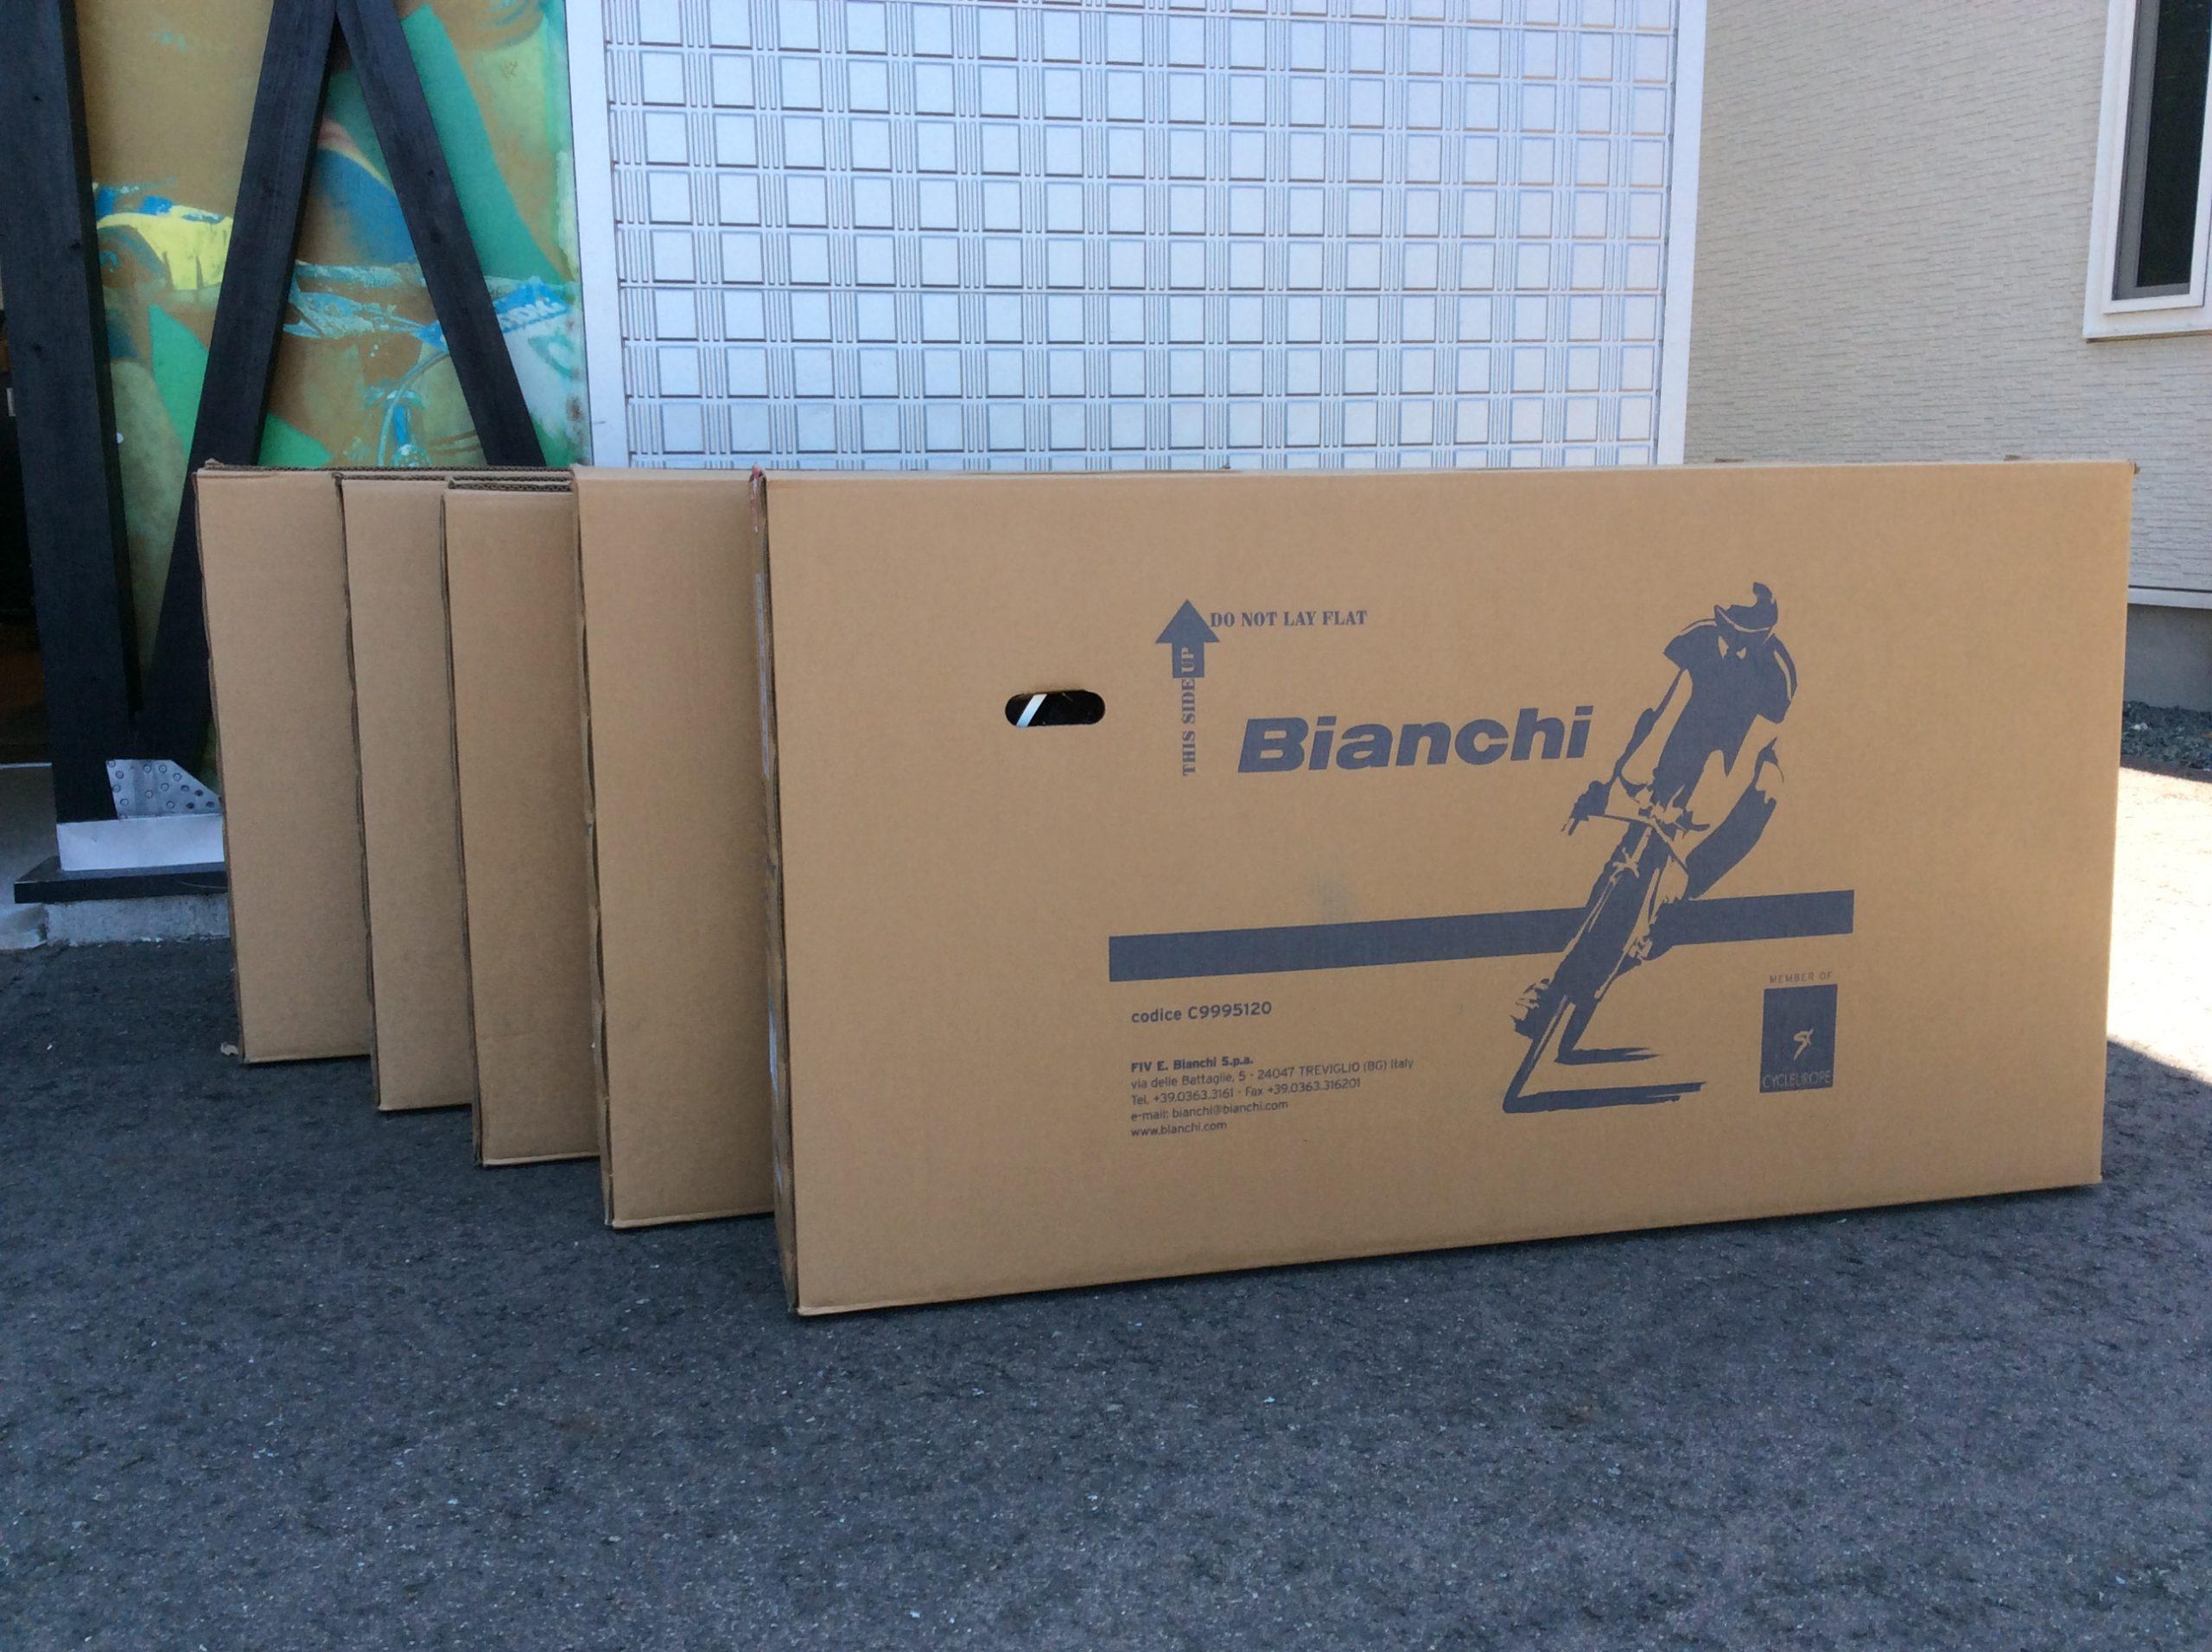 【入荷情報】Bianchi クロスバイク 2021年モデル